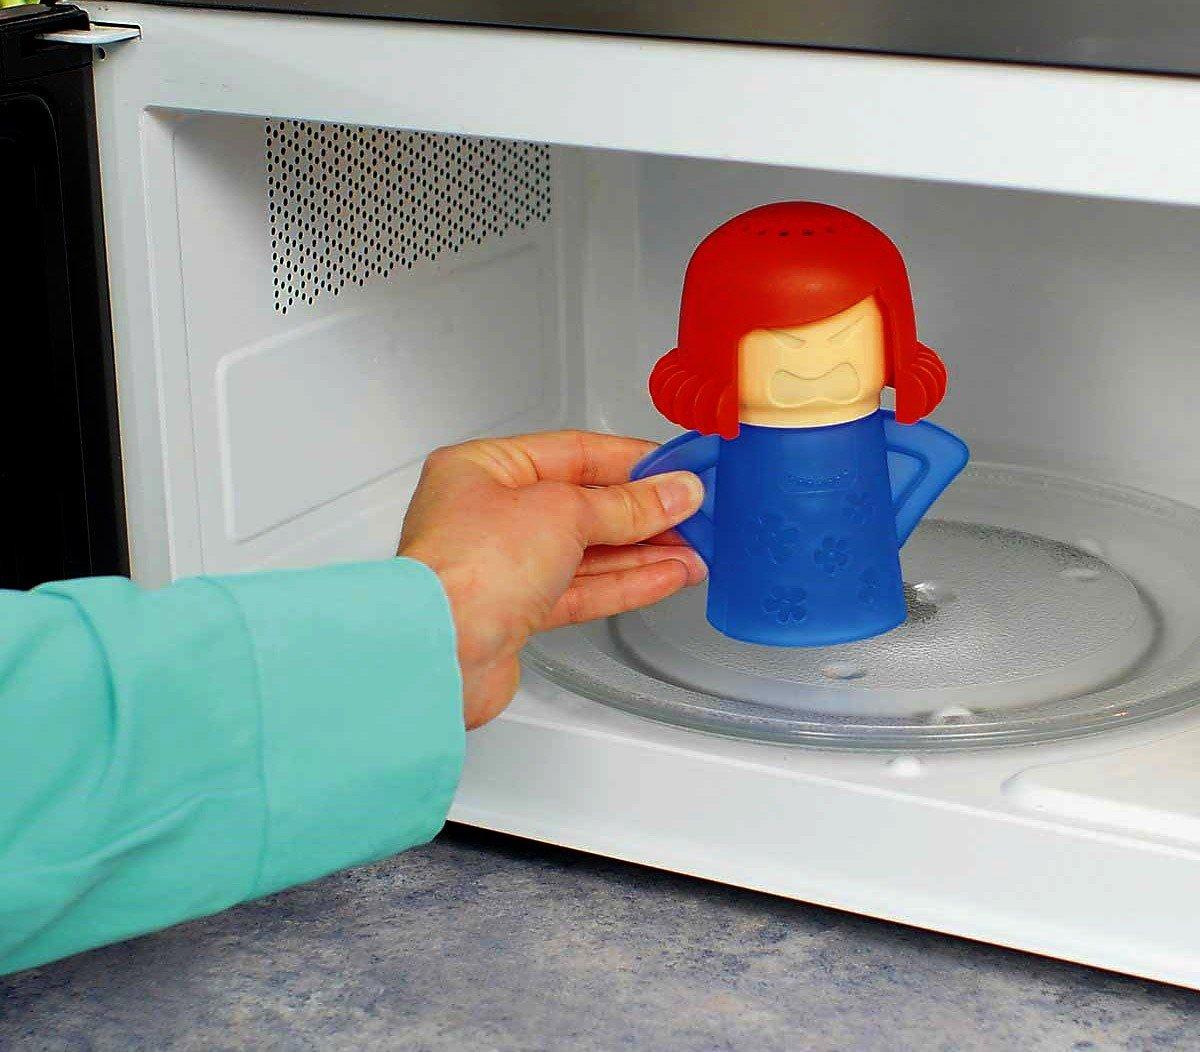 179108 Accesorio de plástico para la limpieza de microondas CLEAN ...